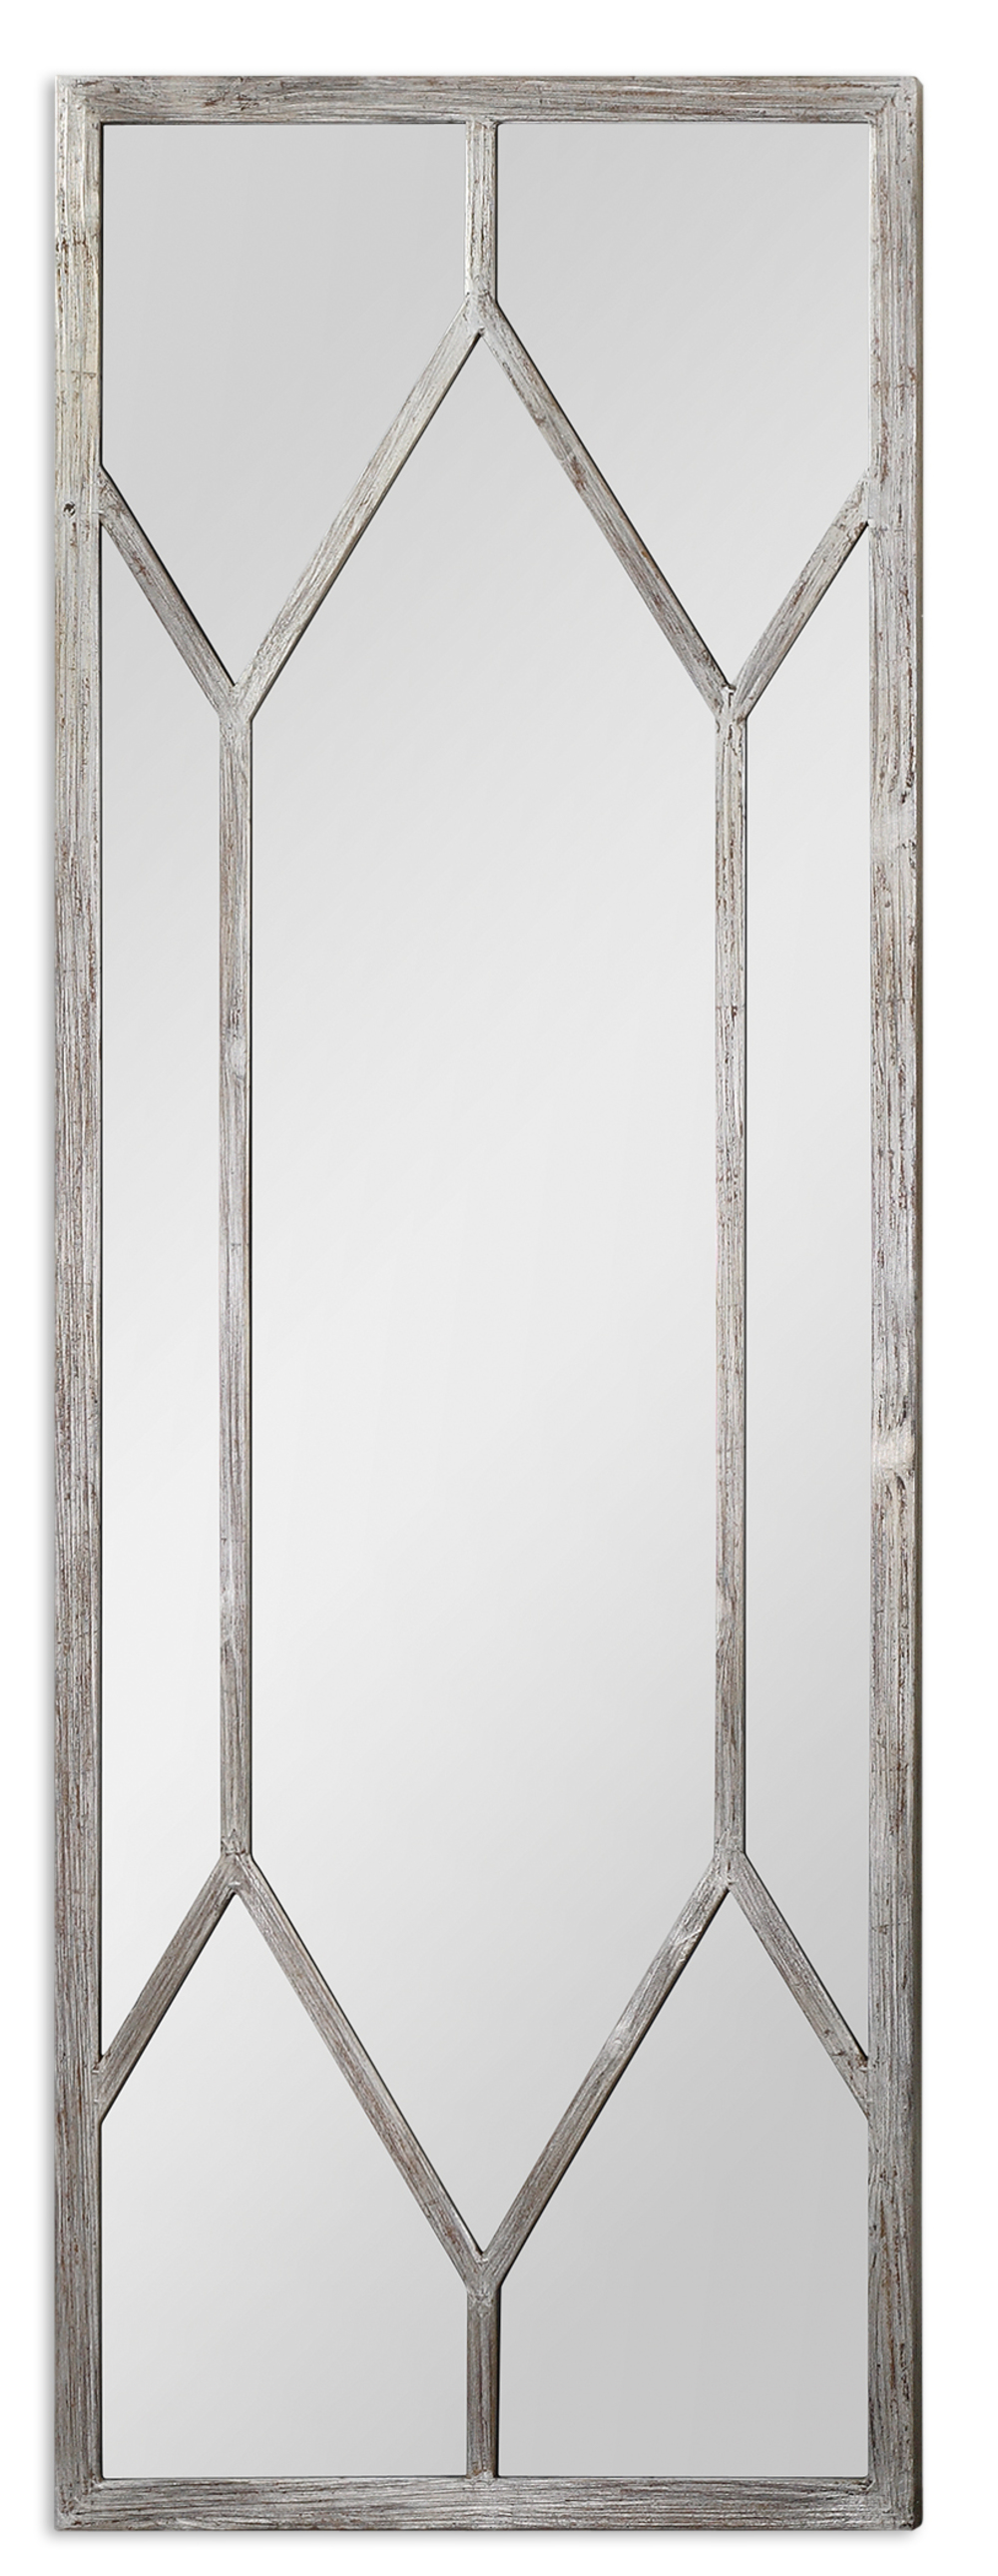 Uttermost Company - Sarconi Mirror